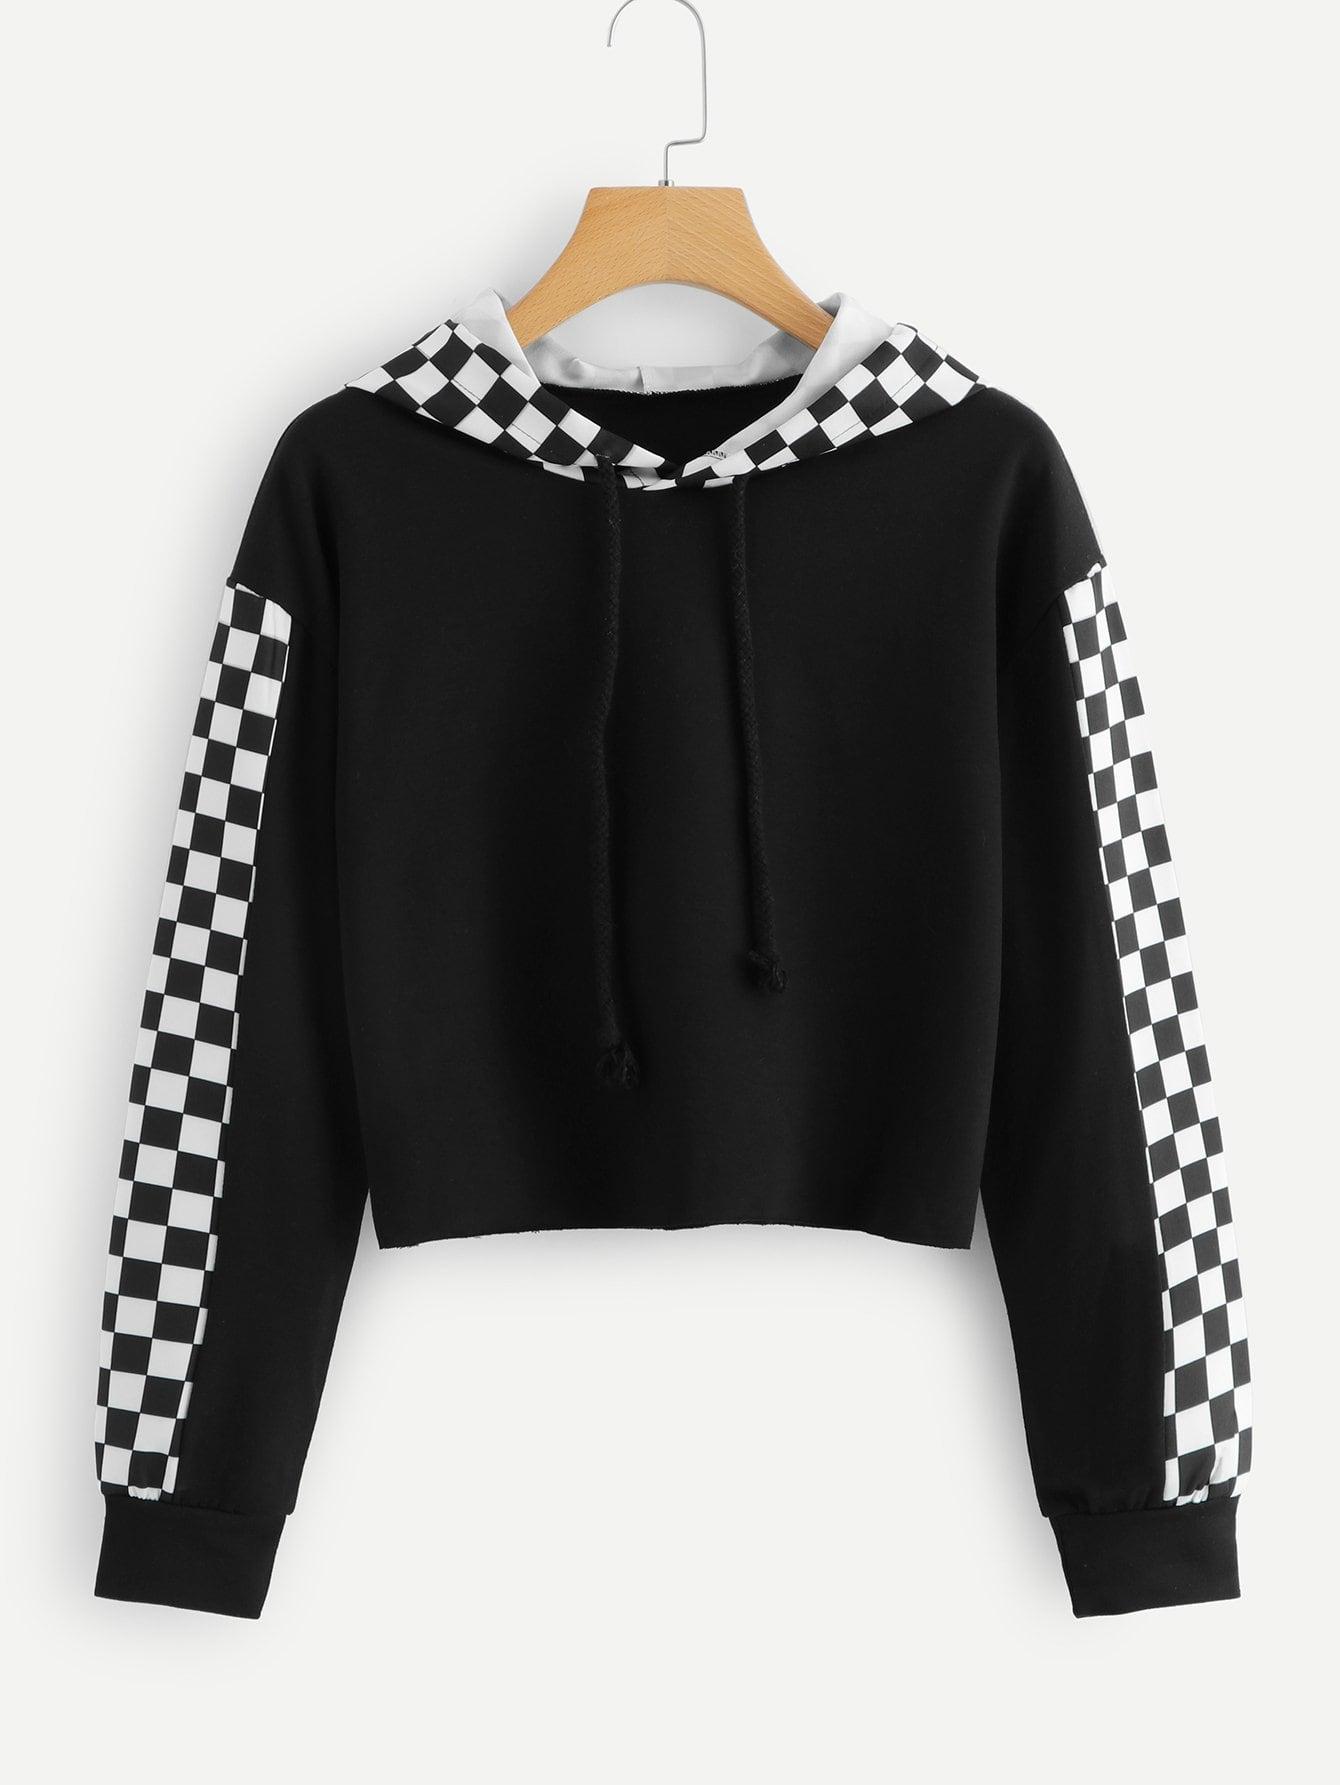 Купить Повседневный Шеврон на кулиске Пуловеры Черный Свитшоты, null, SheIn